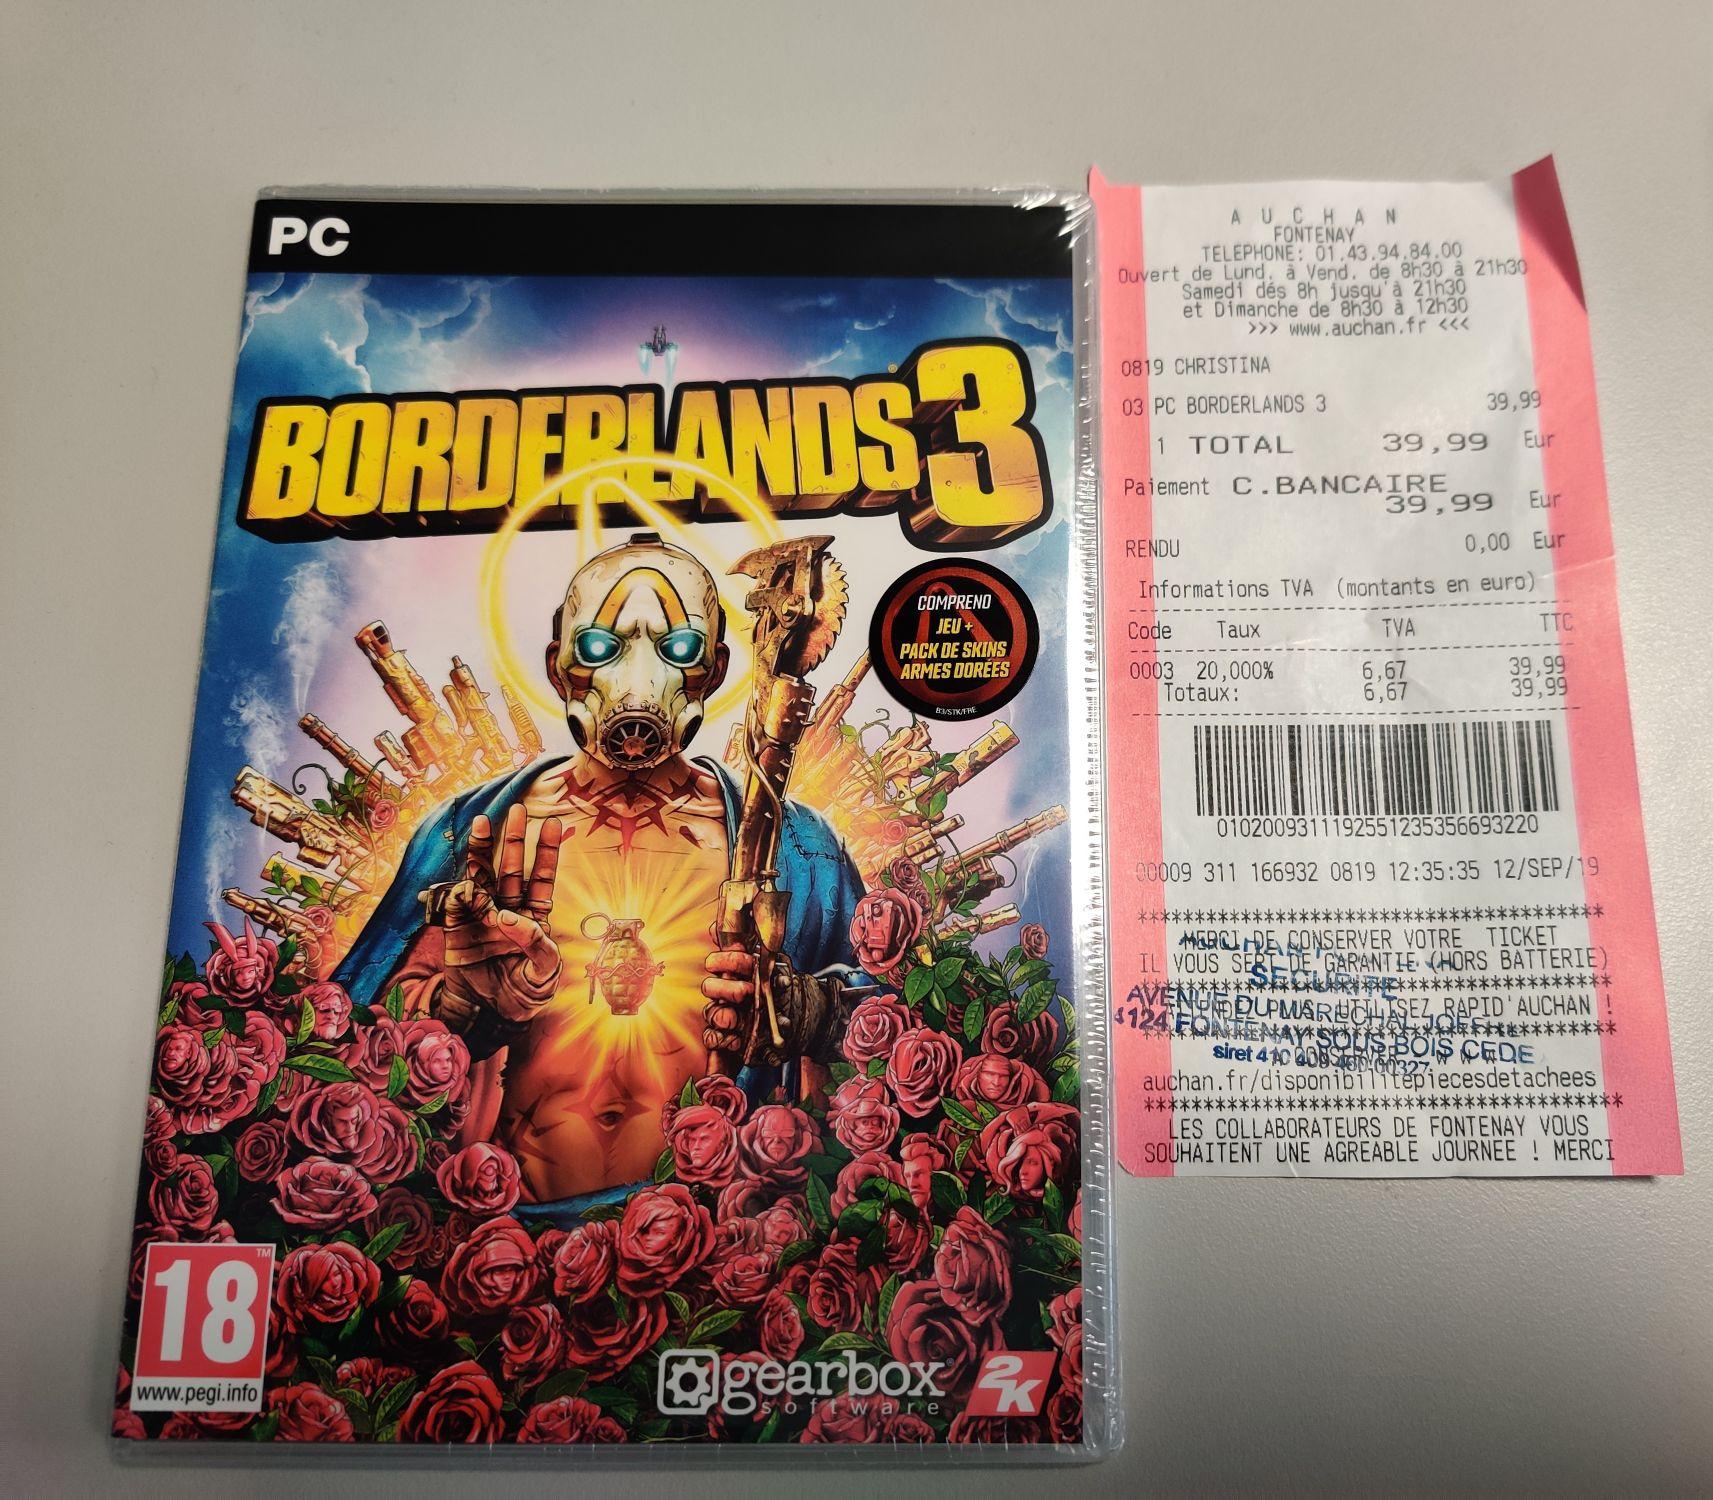 Borderlands 3 sur PC - Fontenay-sous-Bois (94) / Pérols (34)